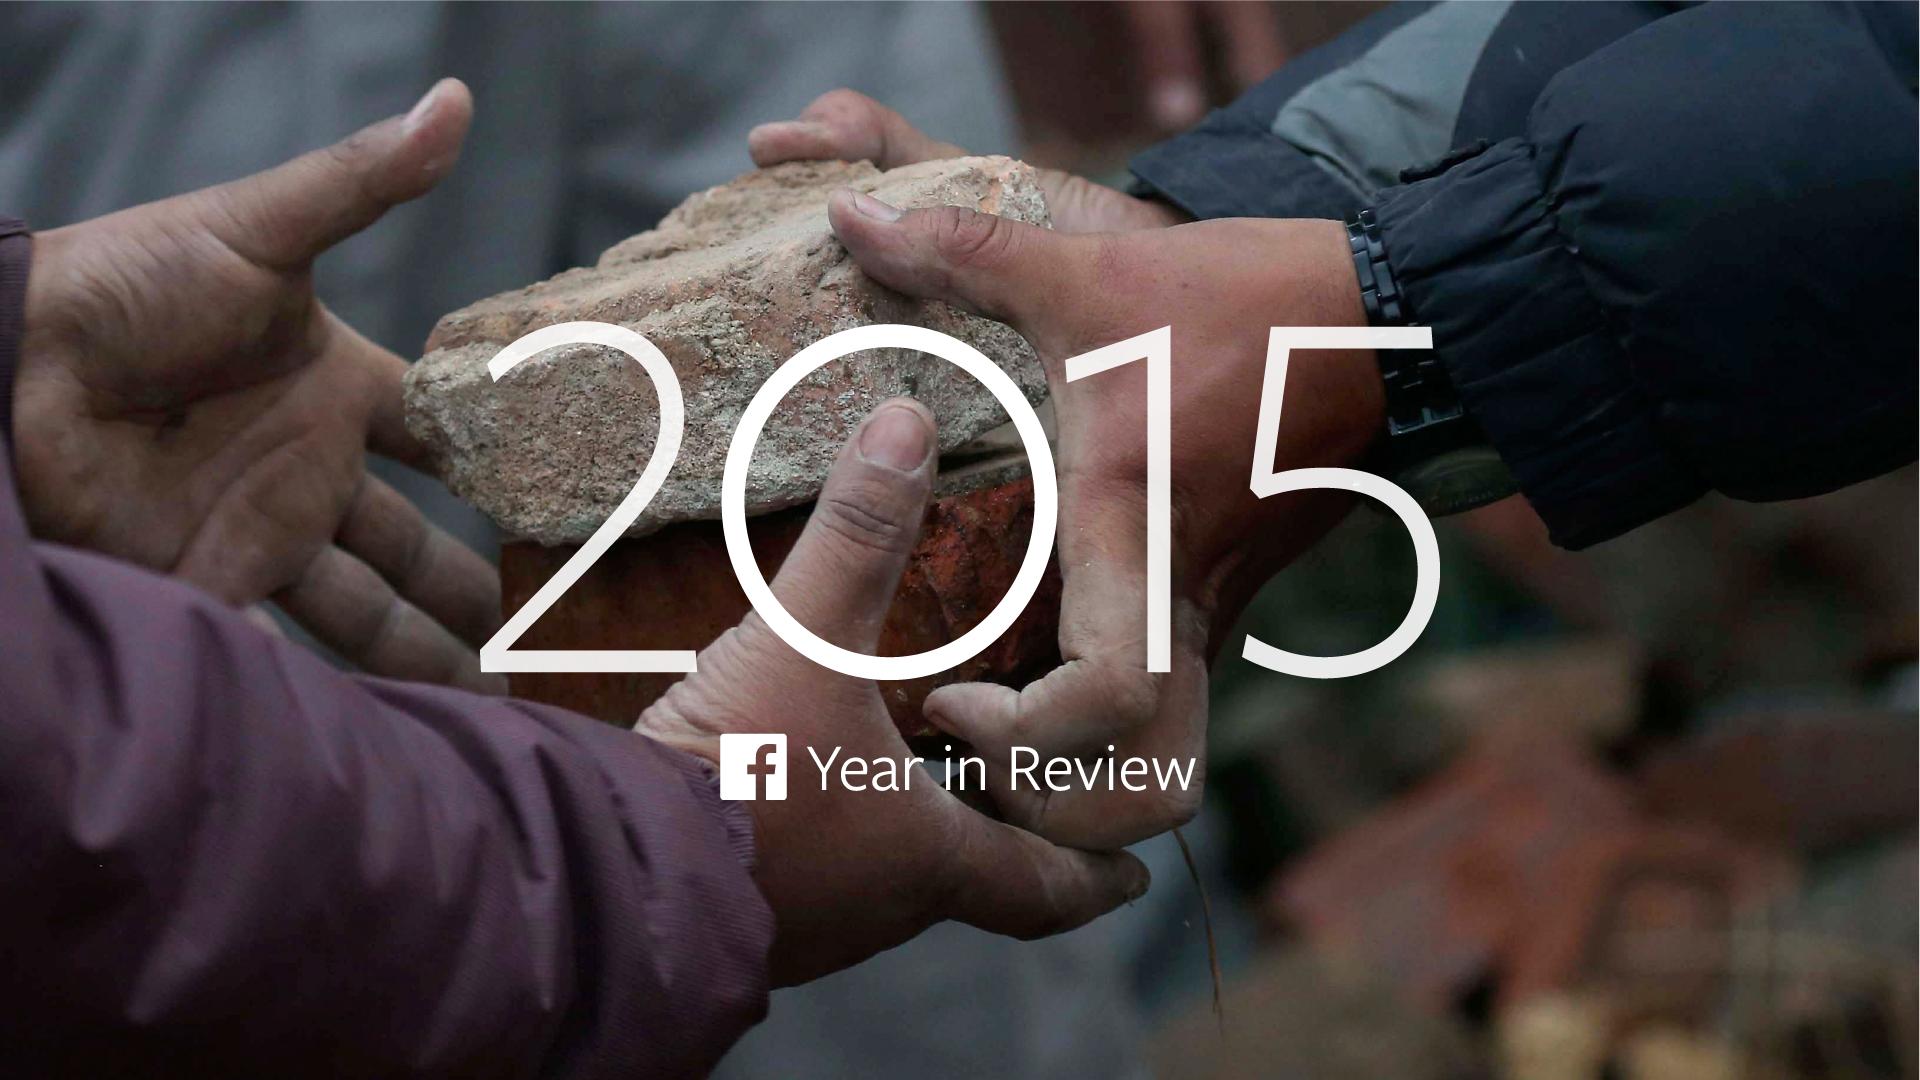 Le bilan de l'année 2015 sur Facebook en France et dans le monde